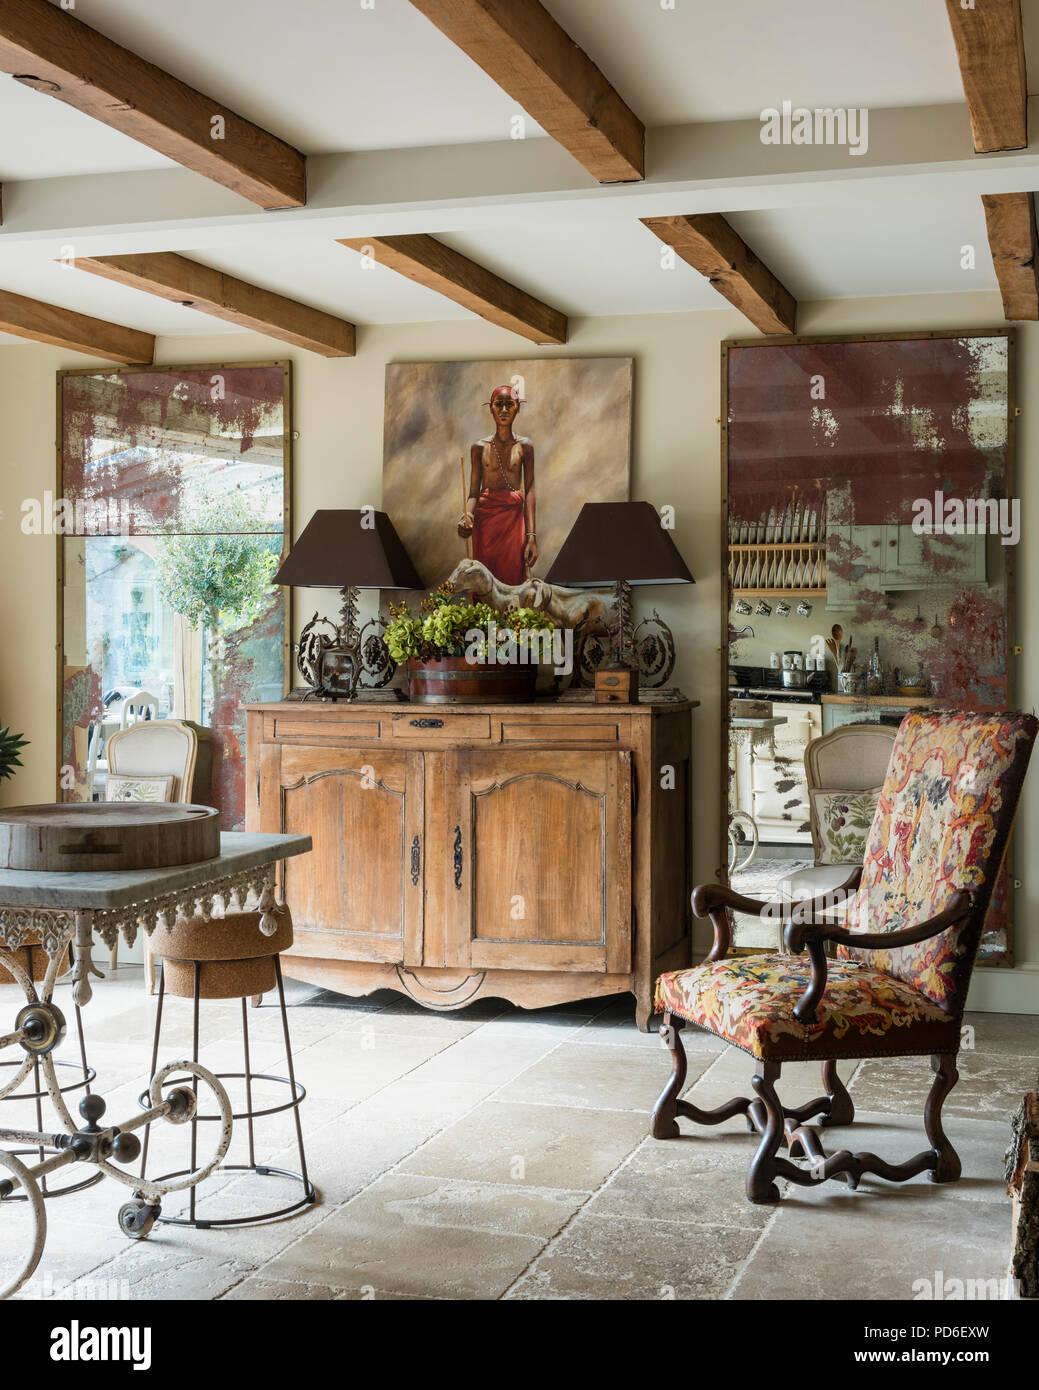 Antiker Stuhl mit distressed Spiegel und Holz- Sideboard mit Lampen. Stockbild